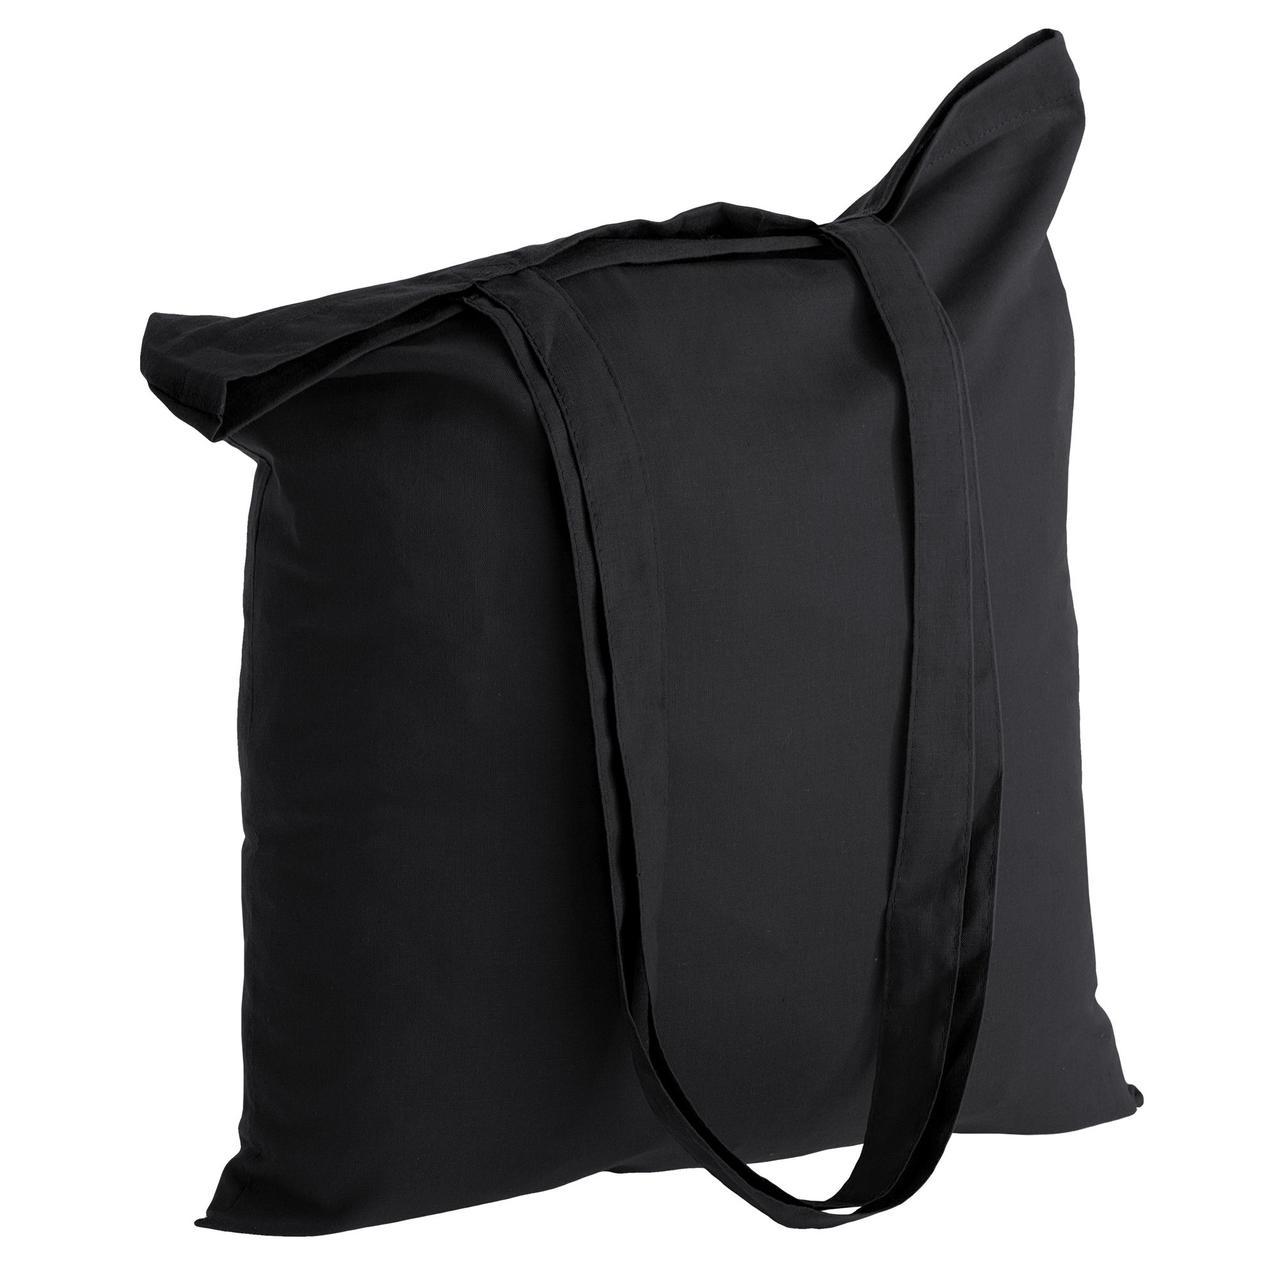 Холщовая сумка Basic 105, черная (артикул 1292.30)